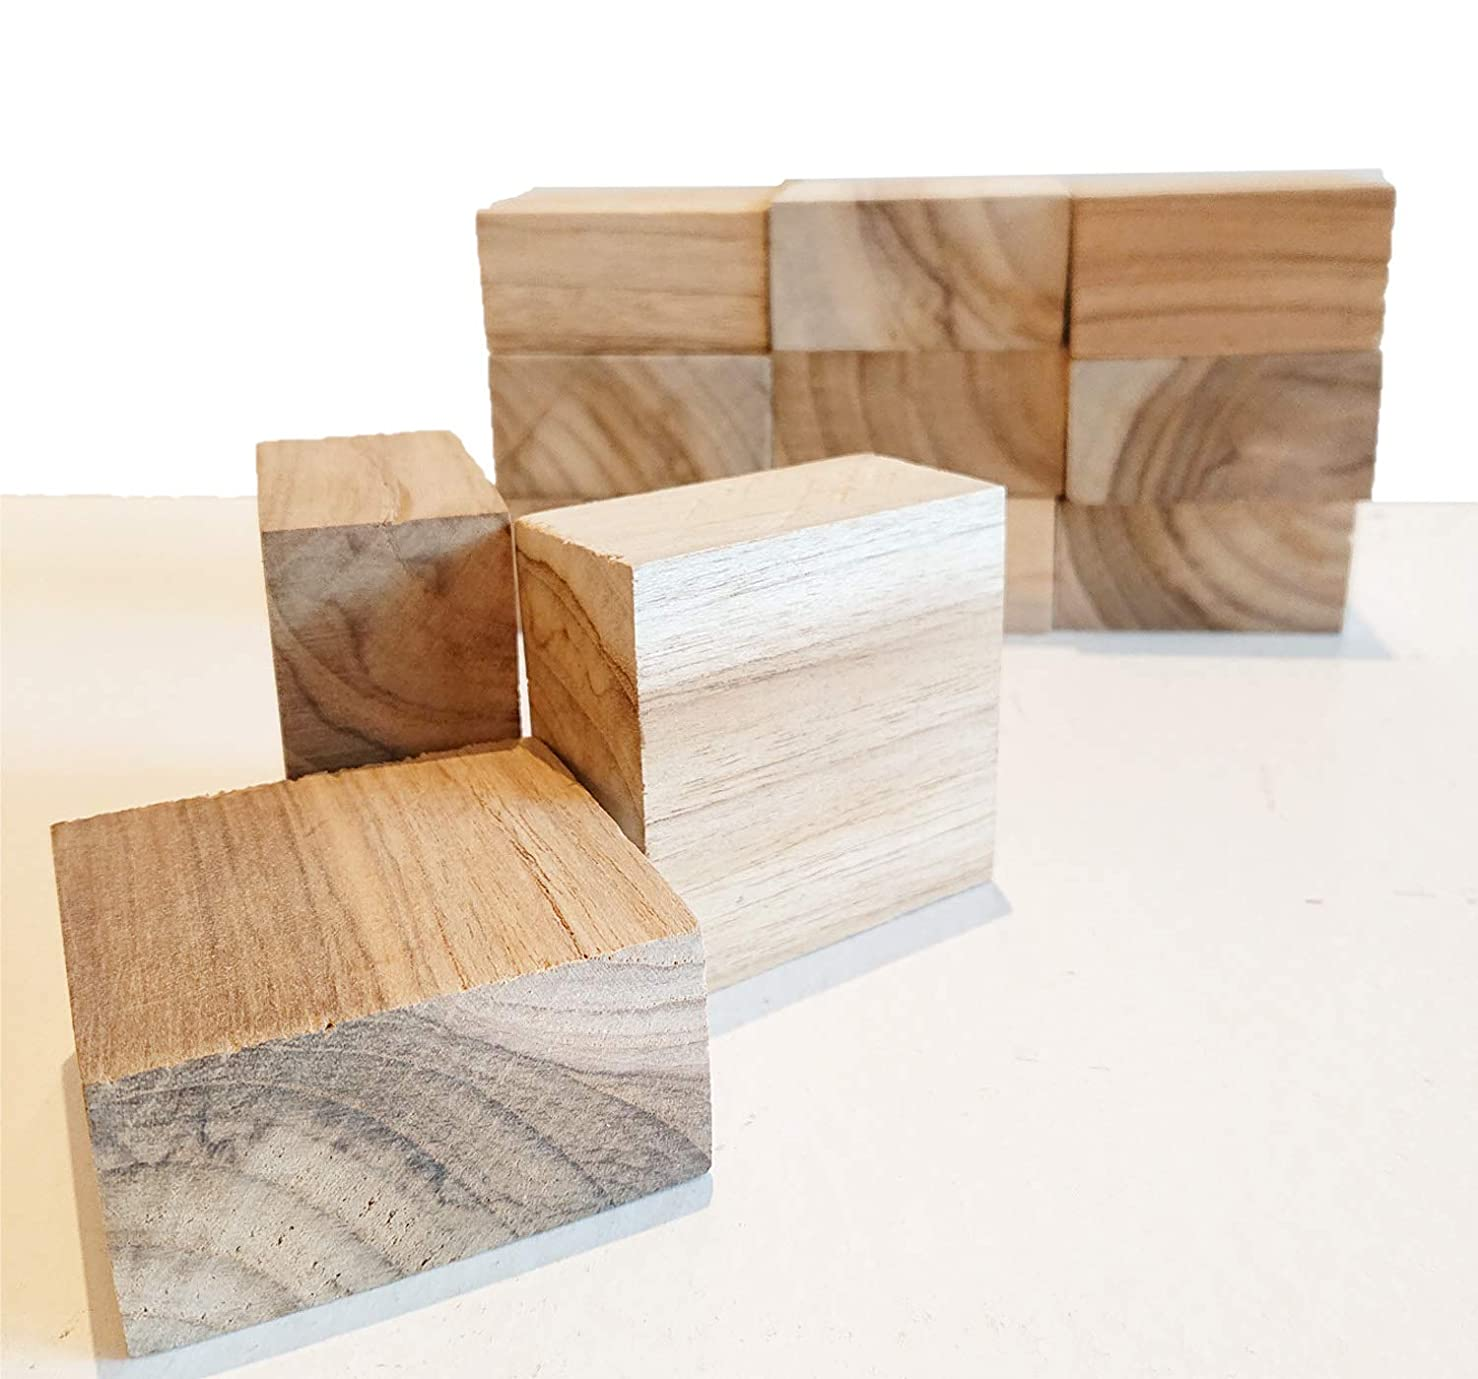 マウントバンク彼女のを除く【送料無料】お得 50個セット DIY 木材 チーク系ブロック材 角材 無垢材 積み木 ブロック ディスプレイ 6㎝×6㎝×3㎝【ワールドデコズ】